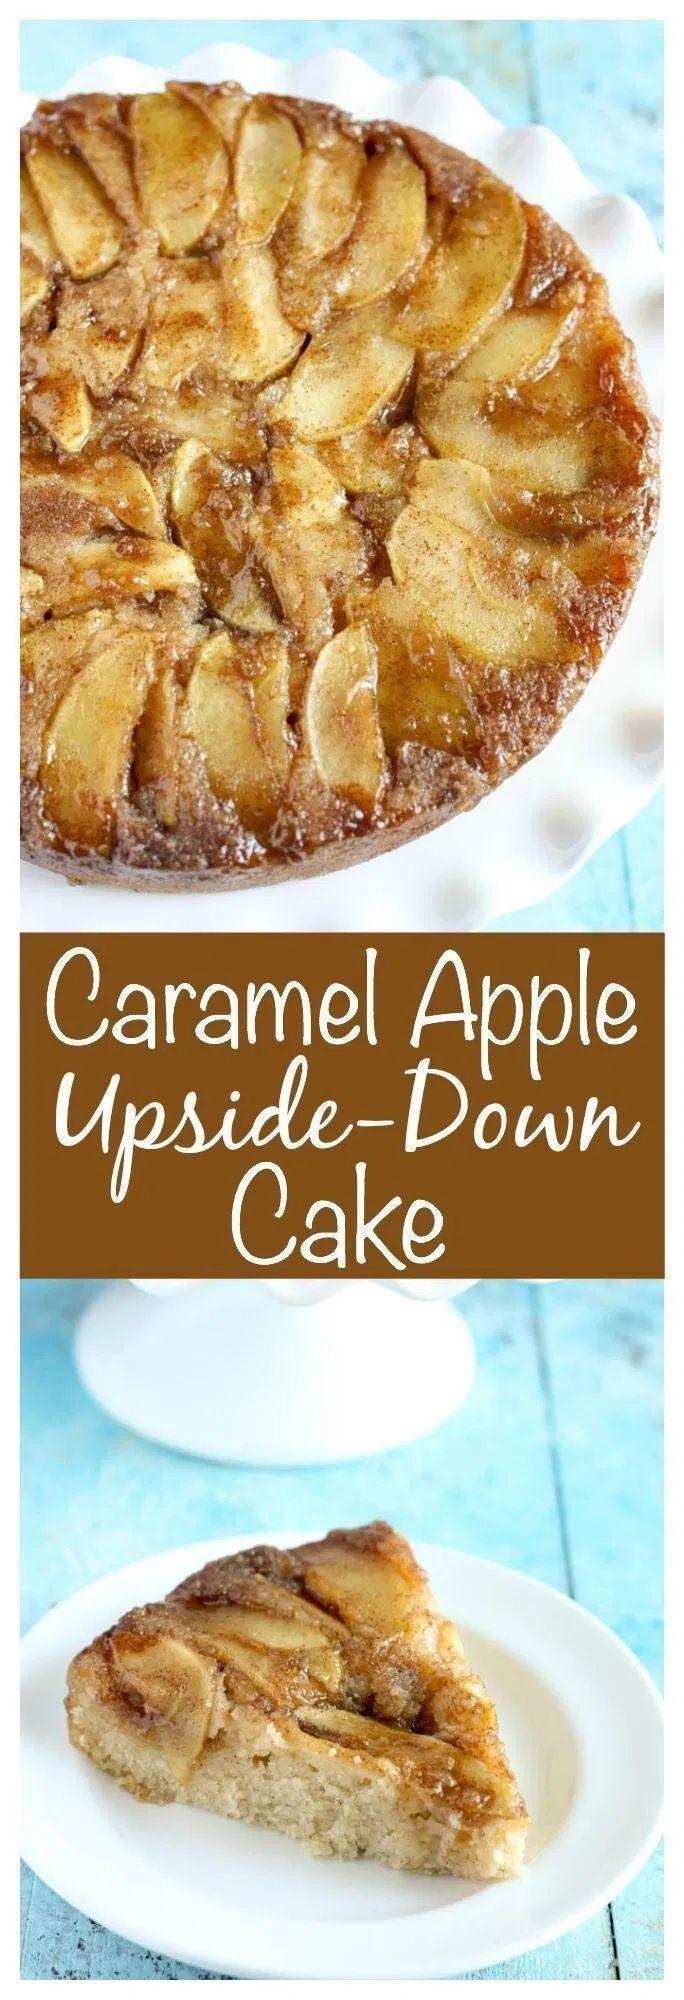 Apple Upside-Down Cake - Live Well Bake Often